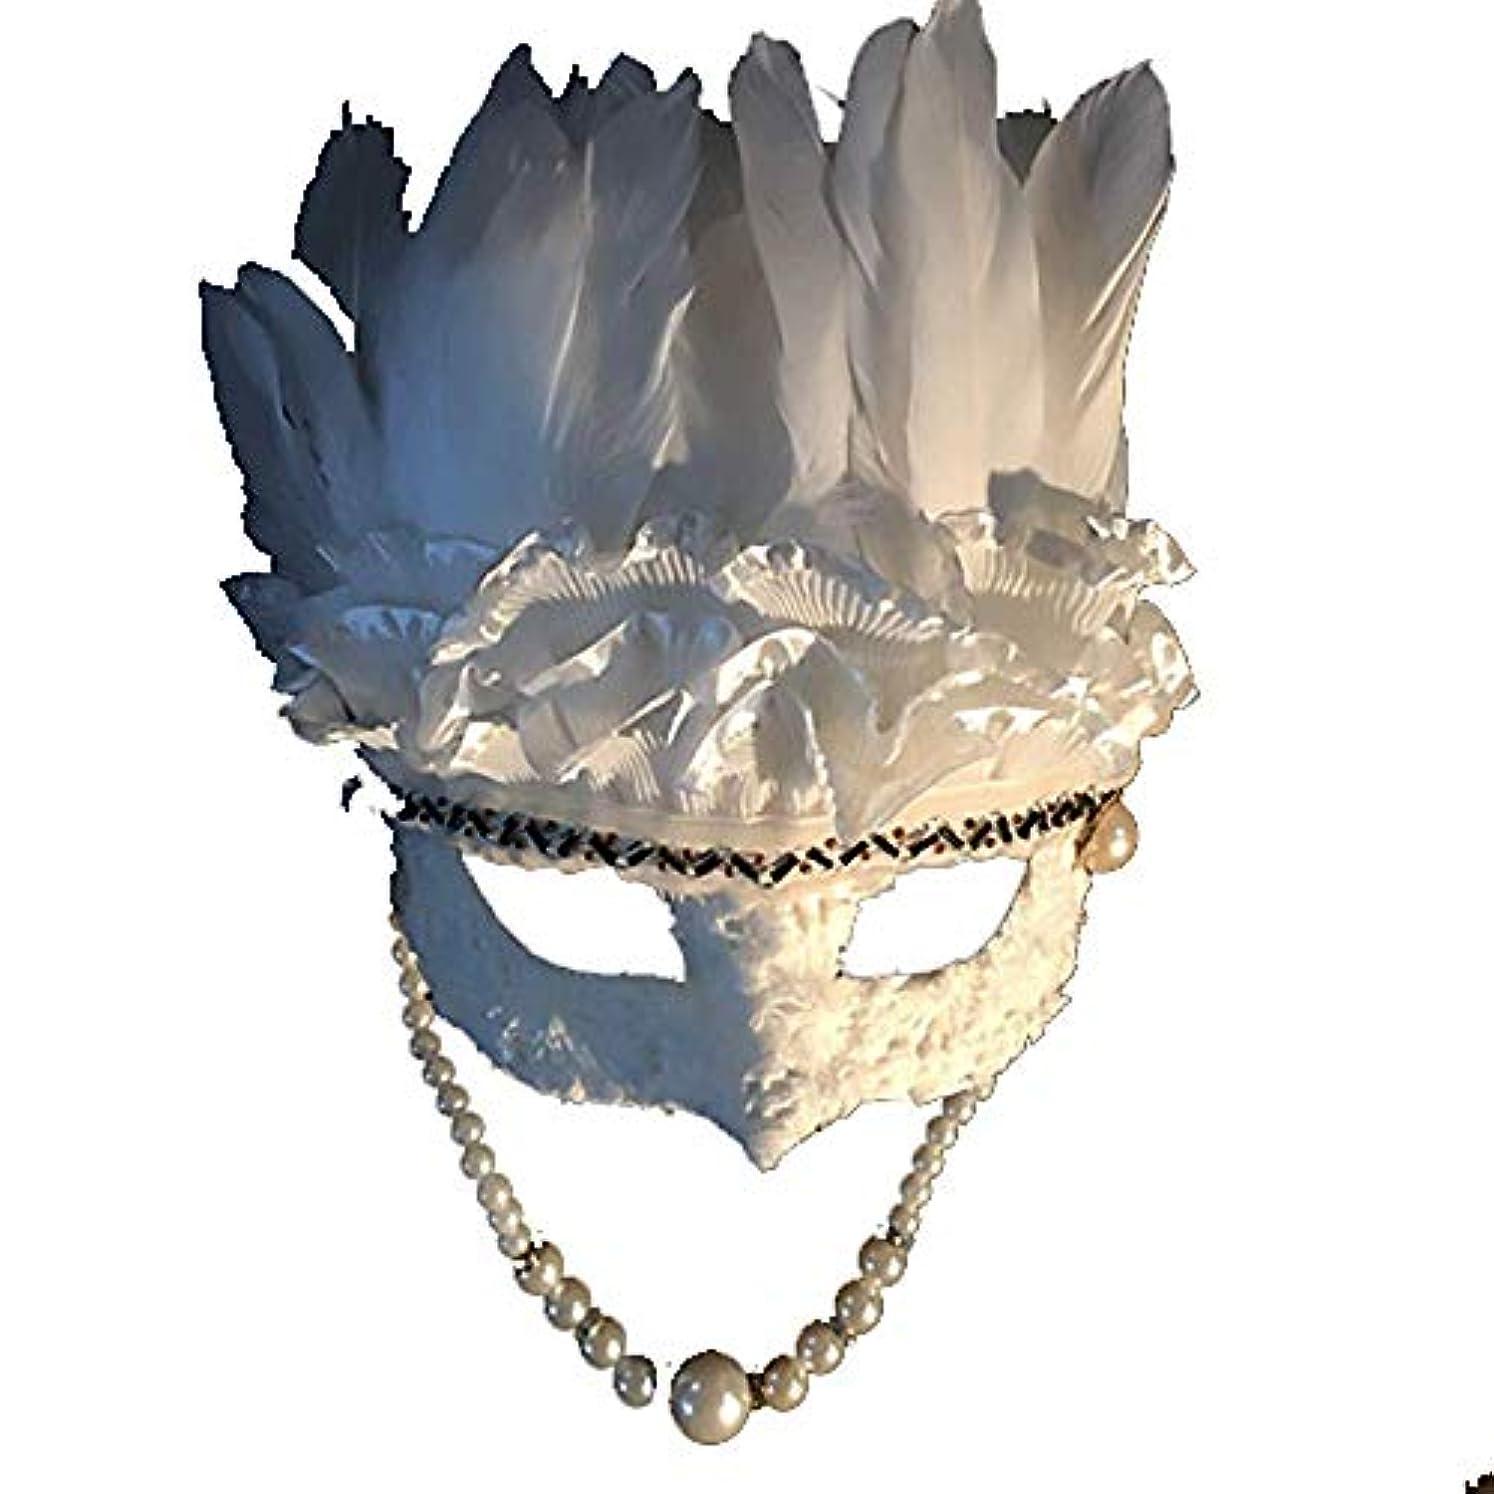 Nanle ハロウィンクリスマスフェザースパンコール刺繍ビーズマスク仮装マスクレディミスプリンセス美容祭パーティーデコレーションマスク